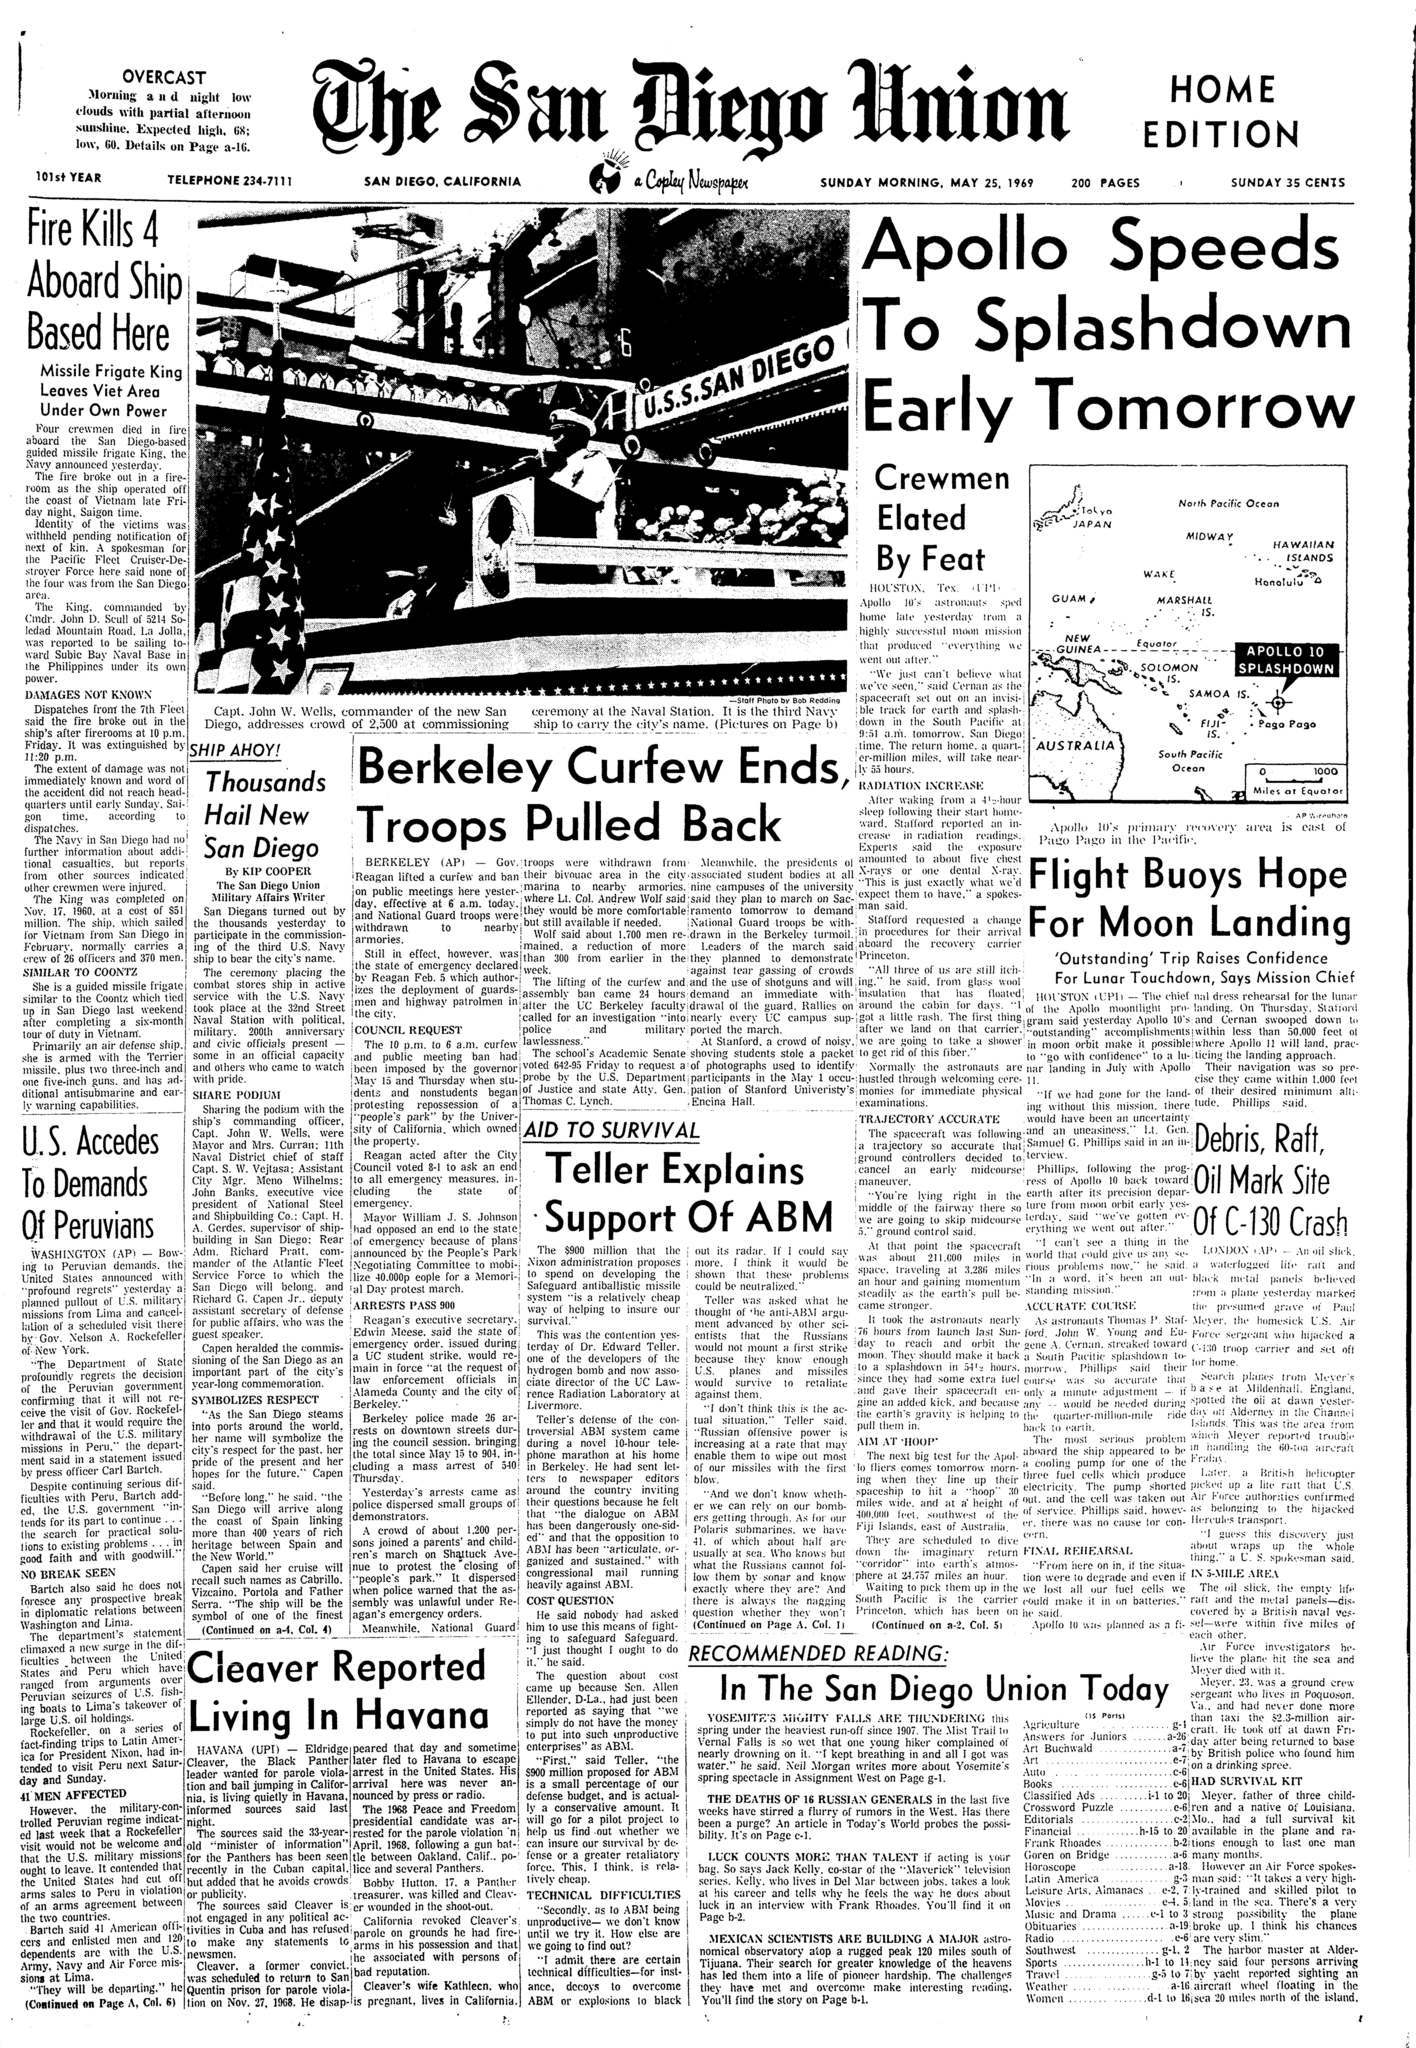 May 25, 1969